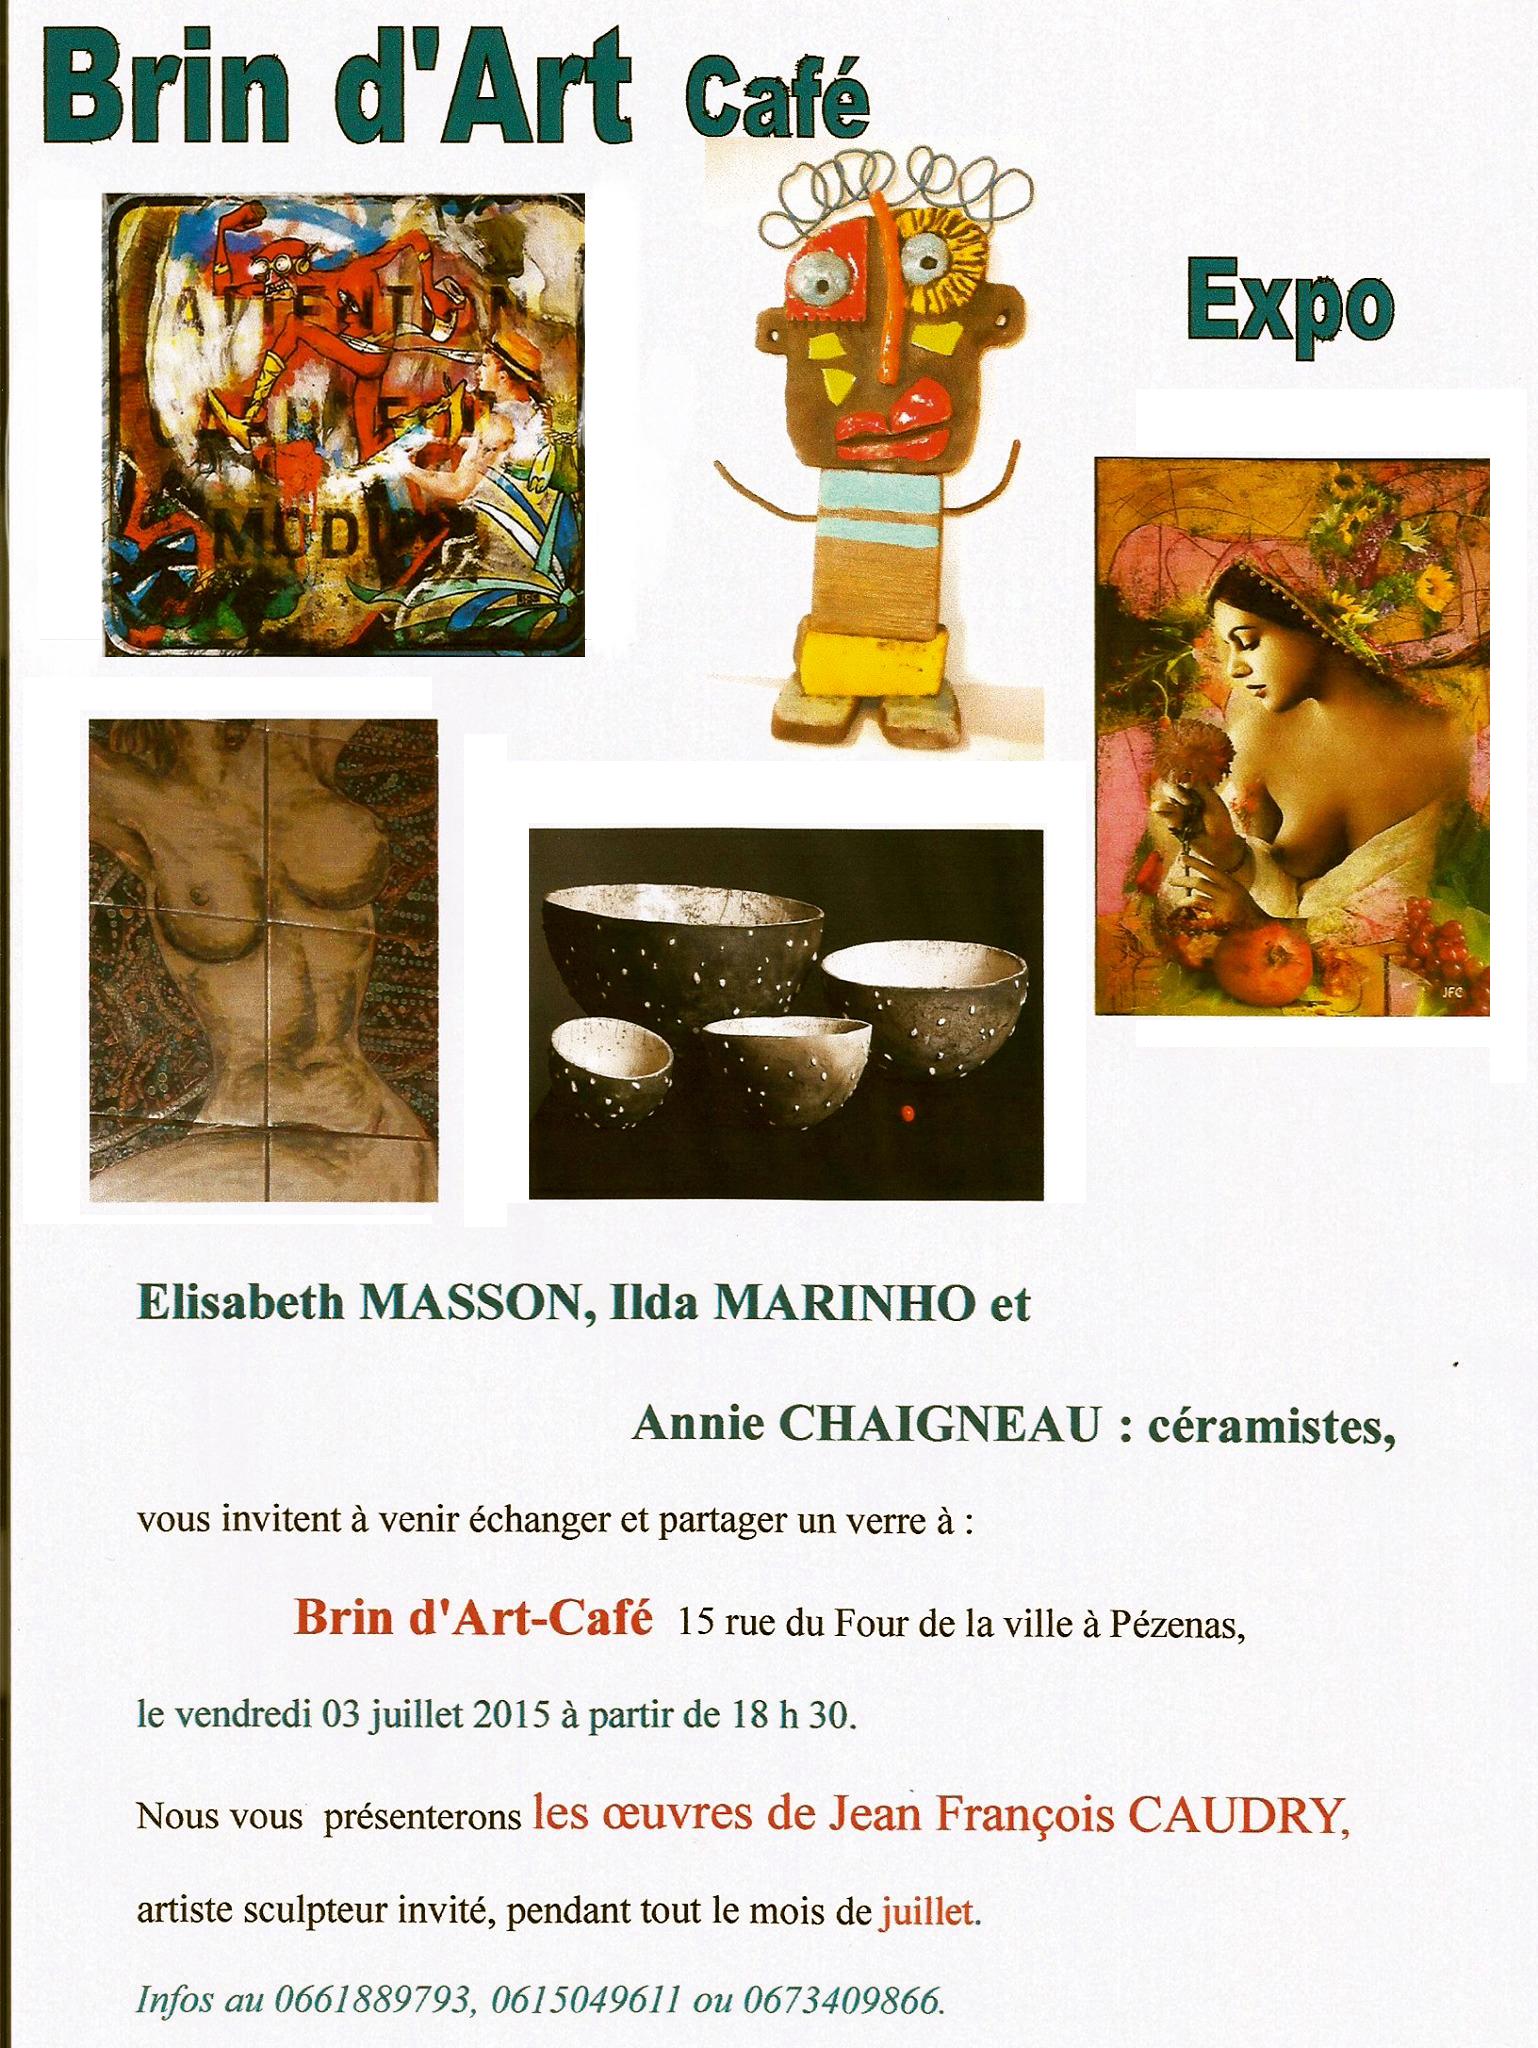 Expo de JF Caudry au Brin d'art café de Pézenas – 1er au 31 juillet 2015